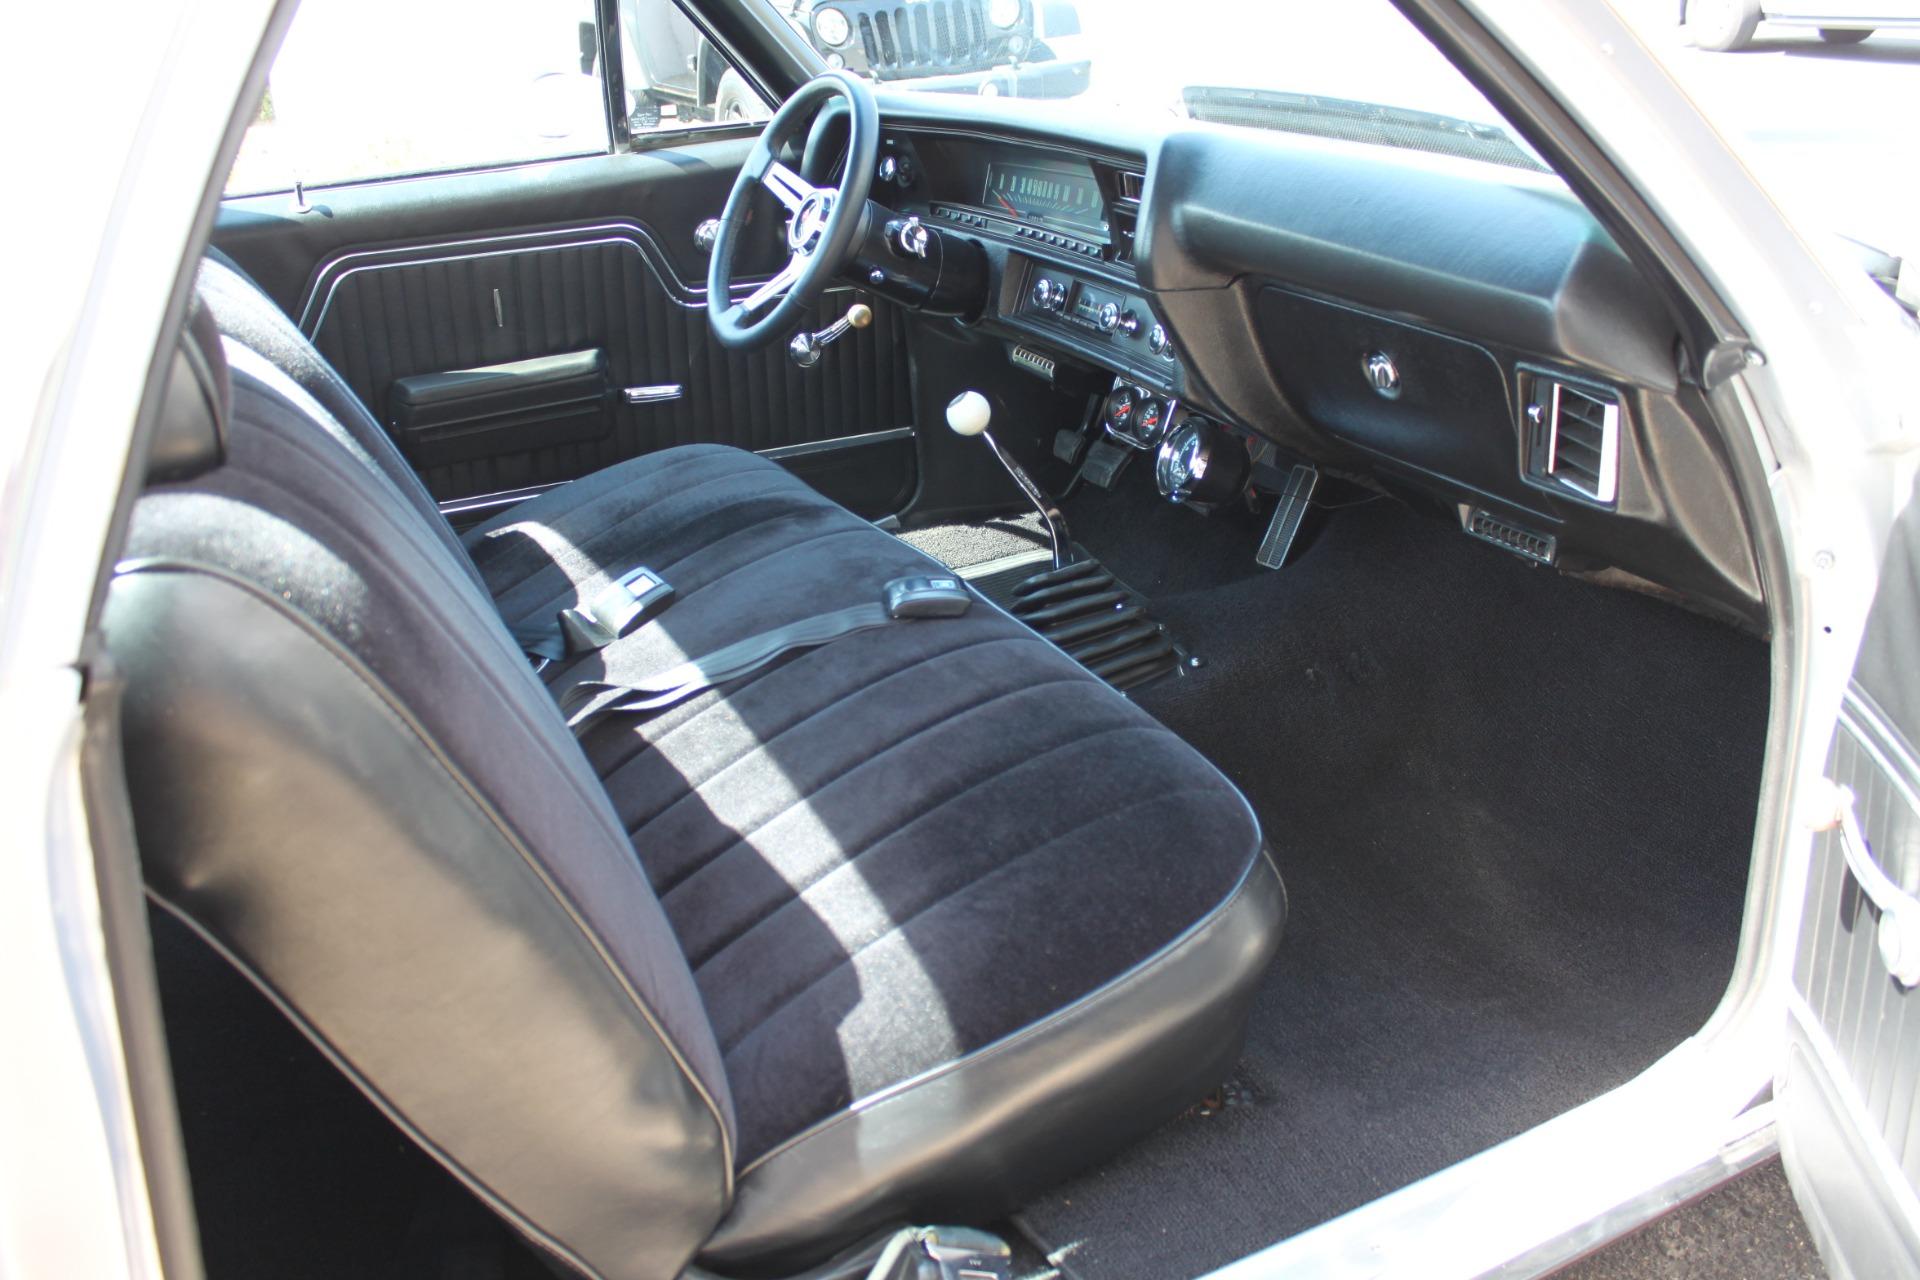 Used-1970-Chevrolet-El-Camino-Custom-350-ci-vintage